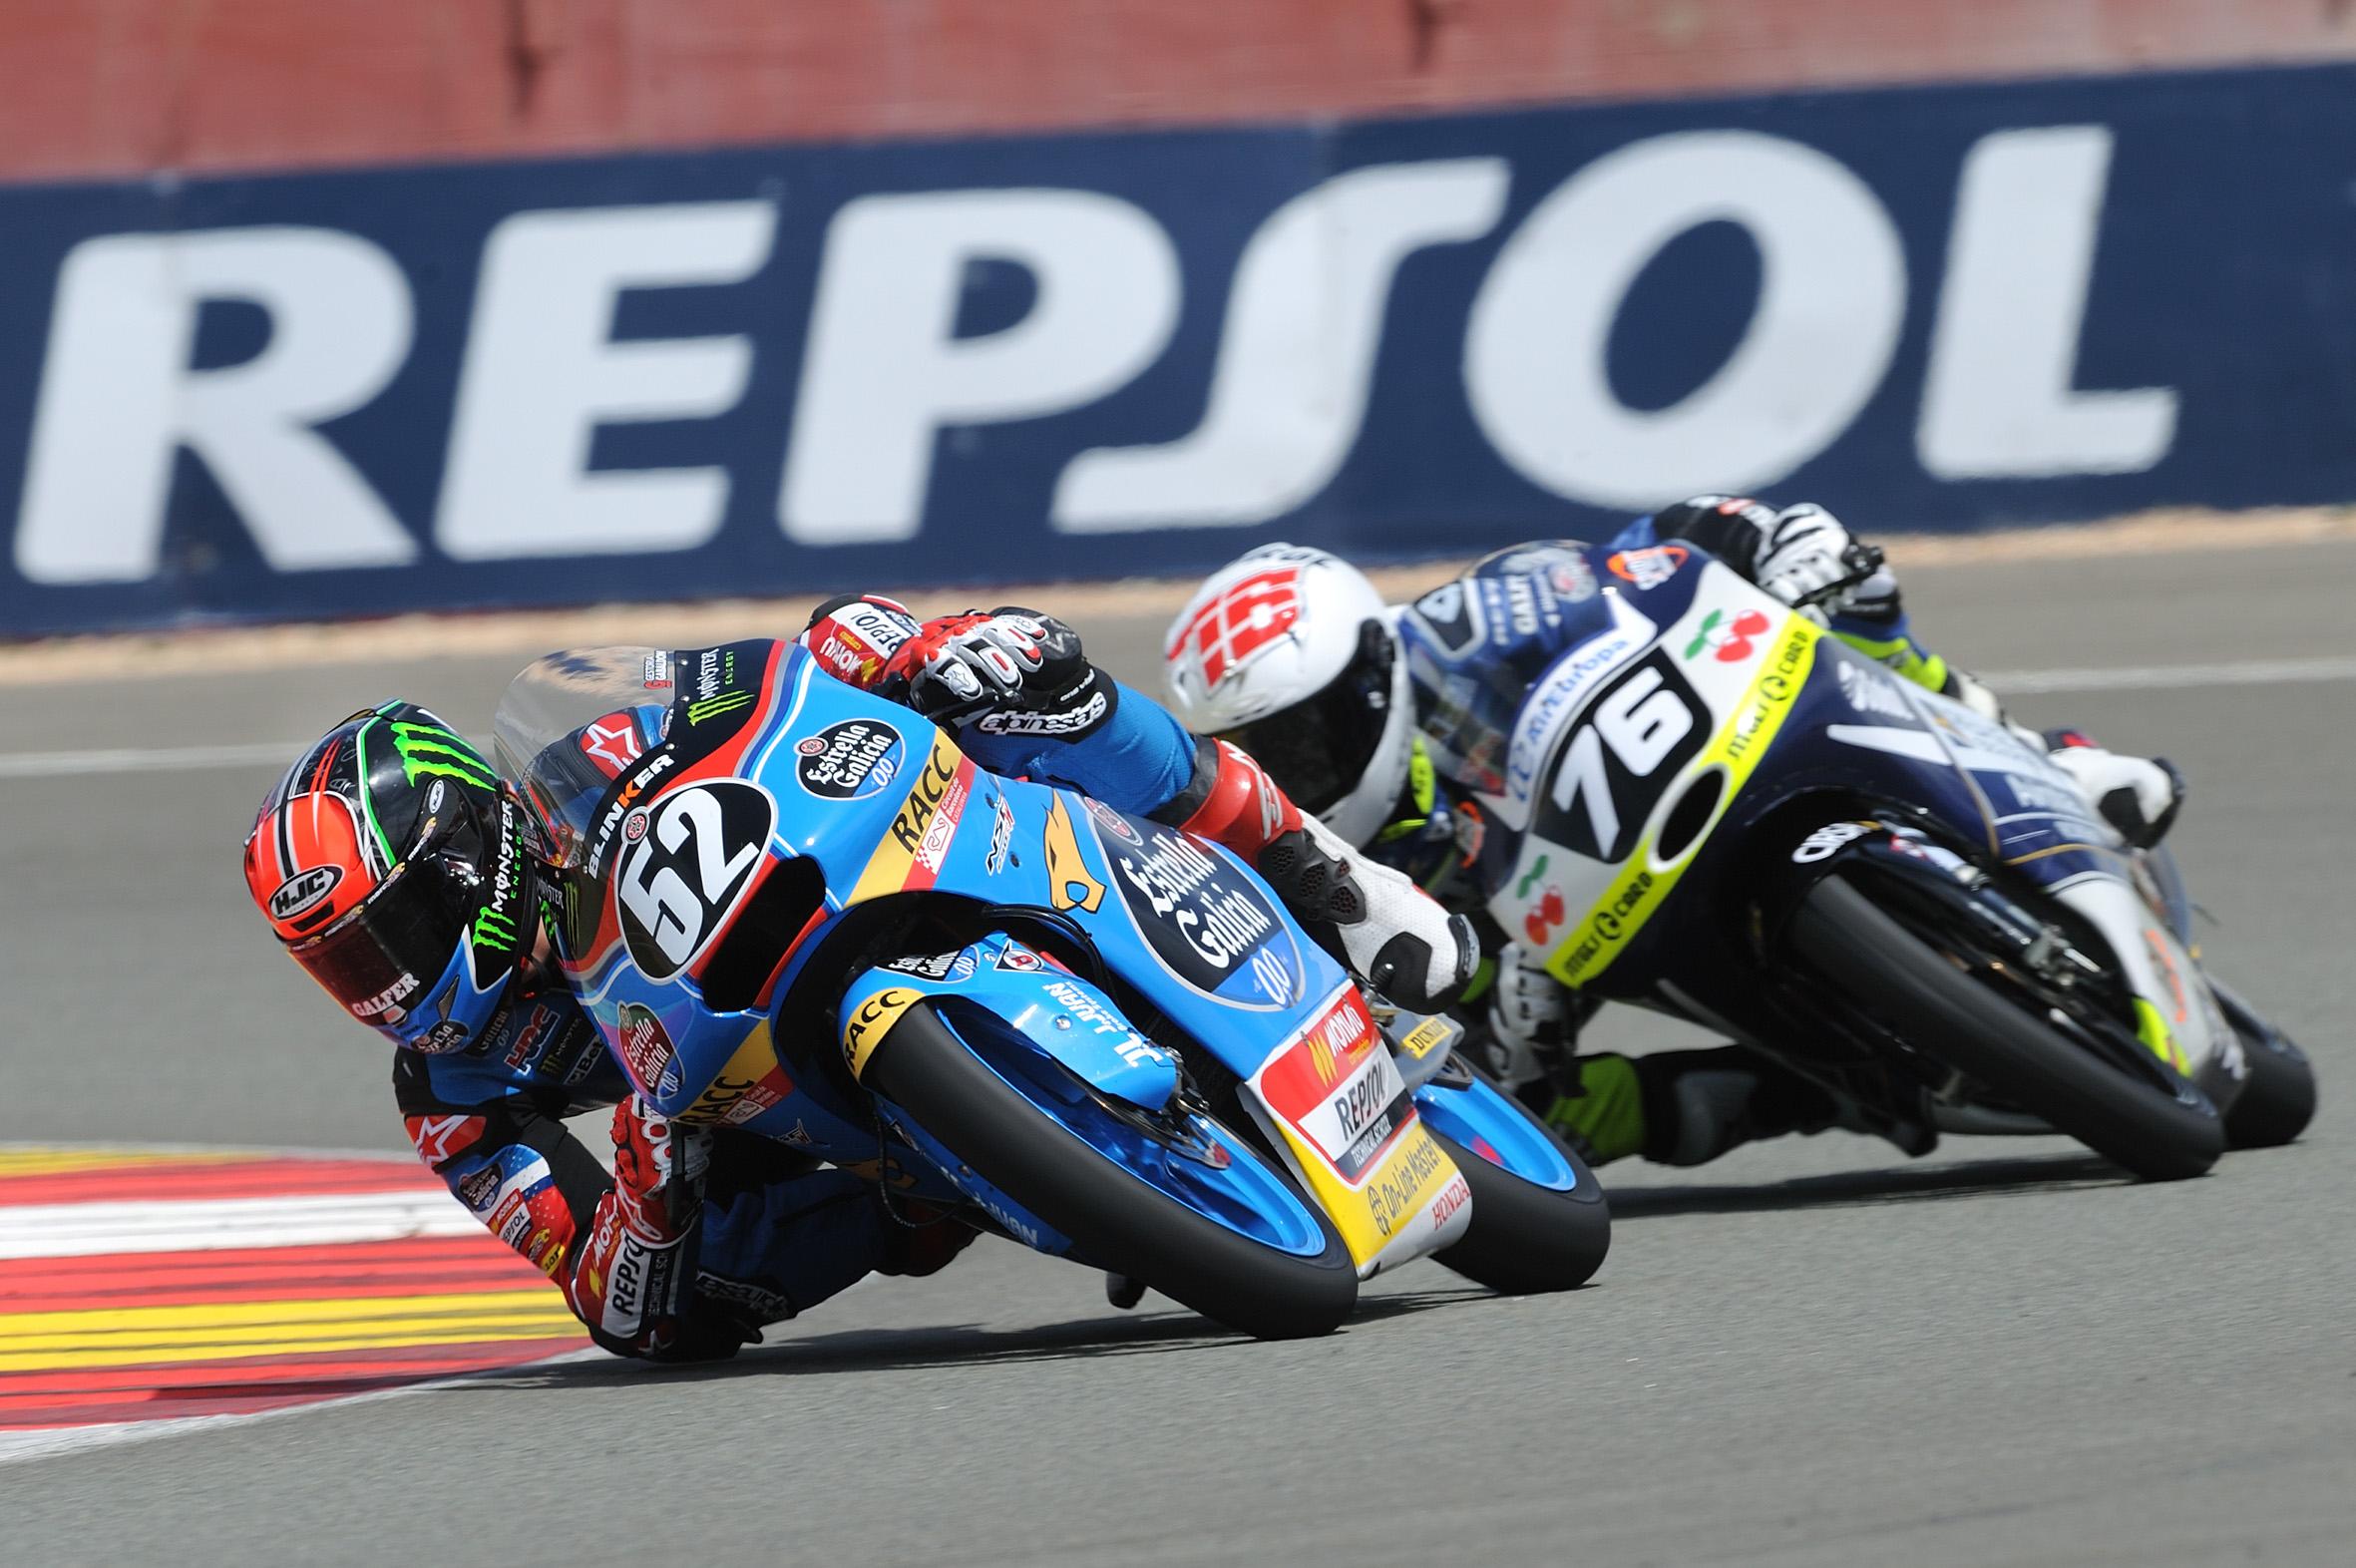 Jeremy Alcoba vence en la primera carrera del Mundial Junior de Moto3